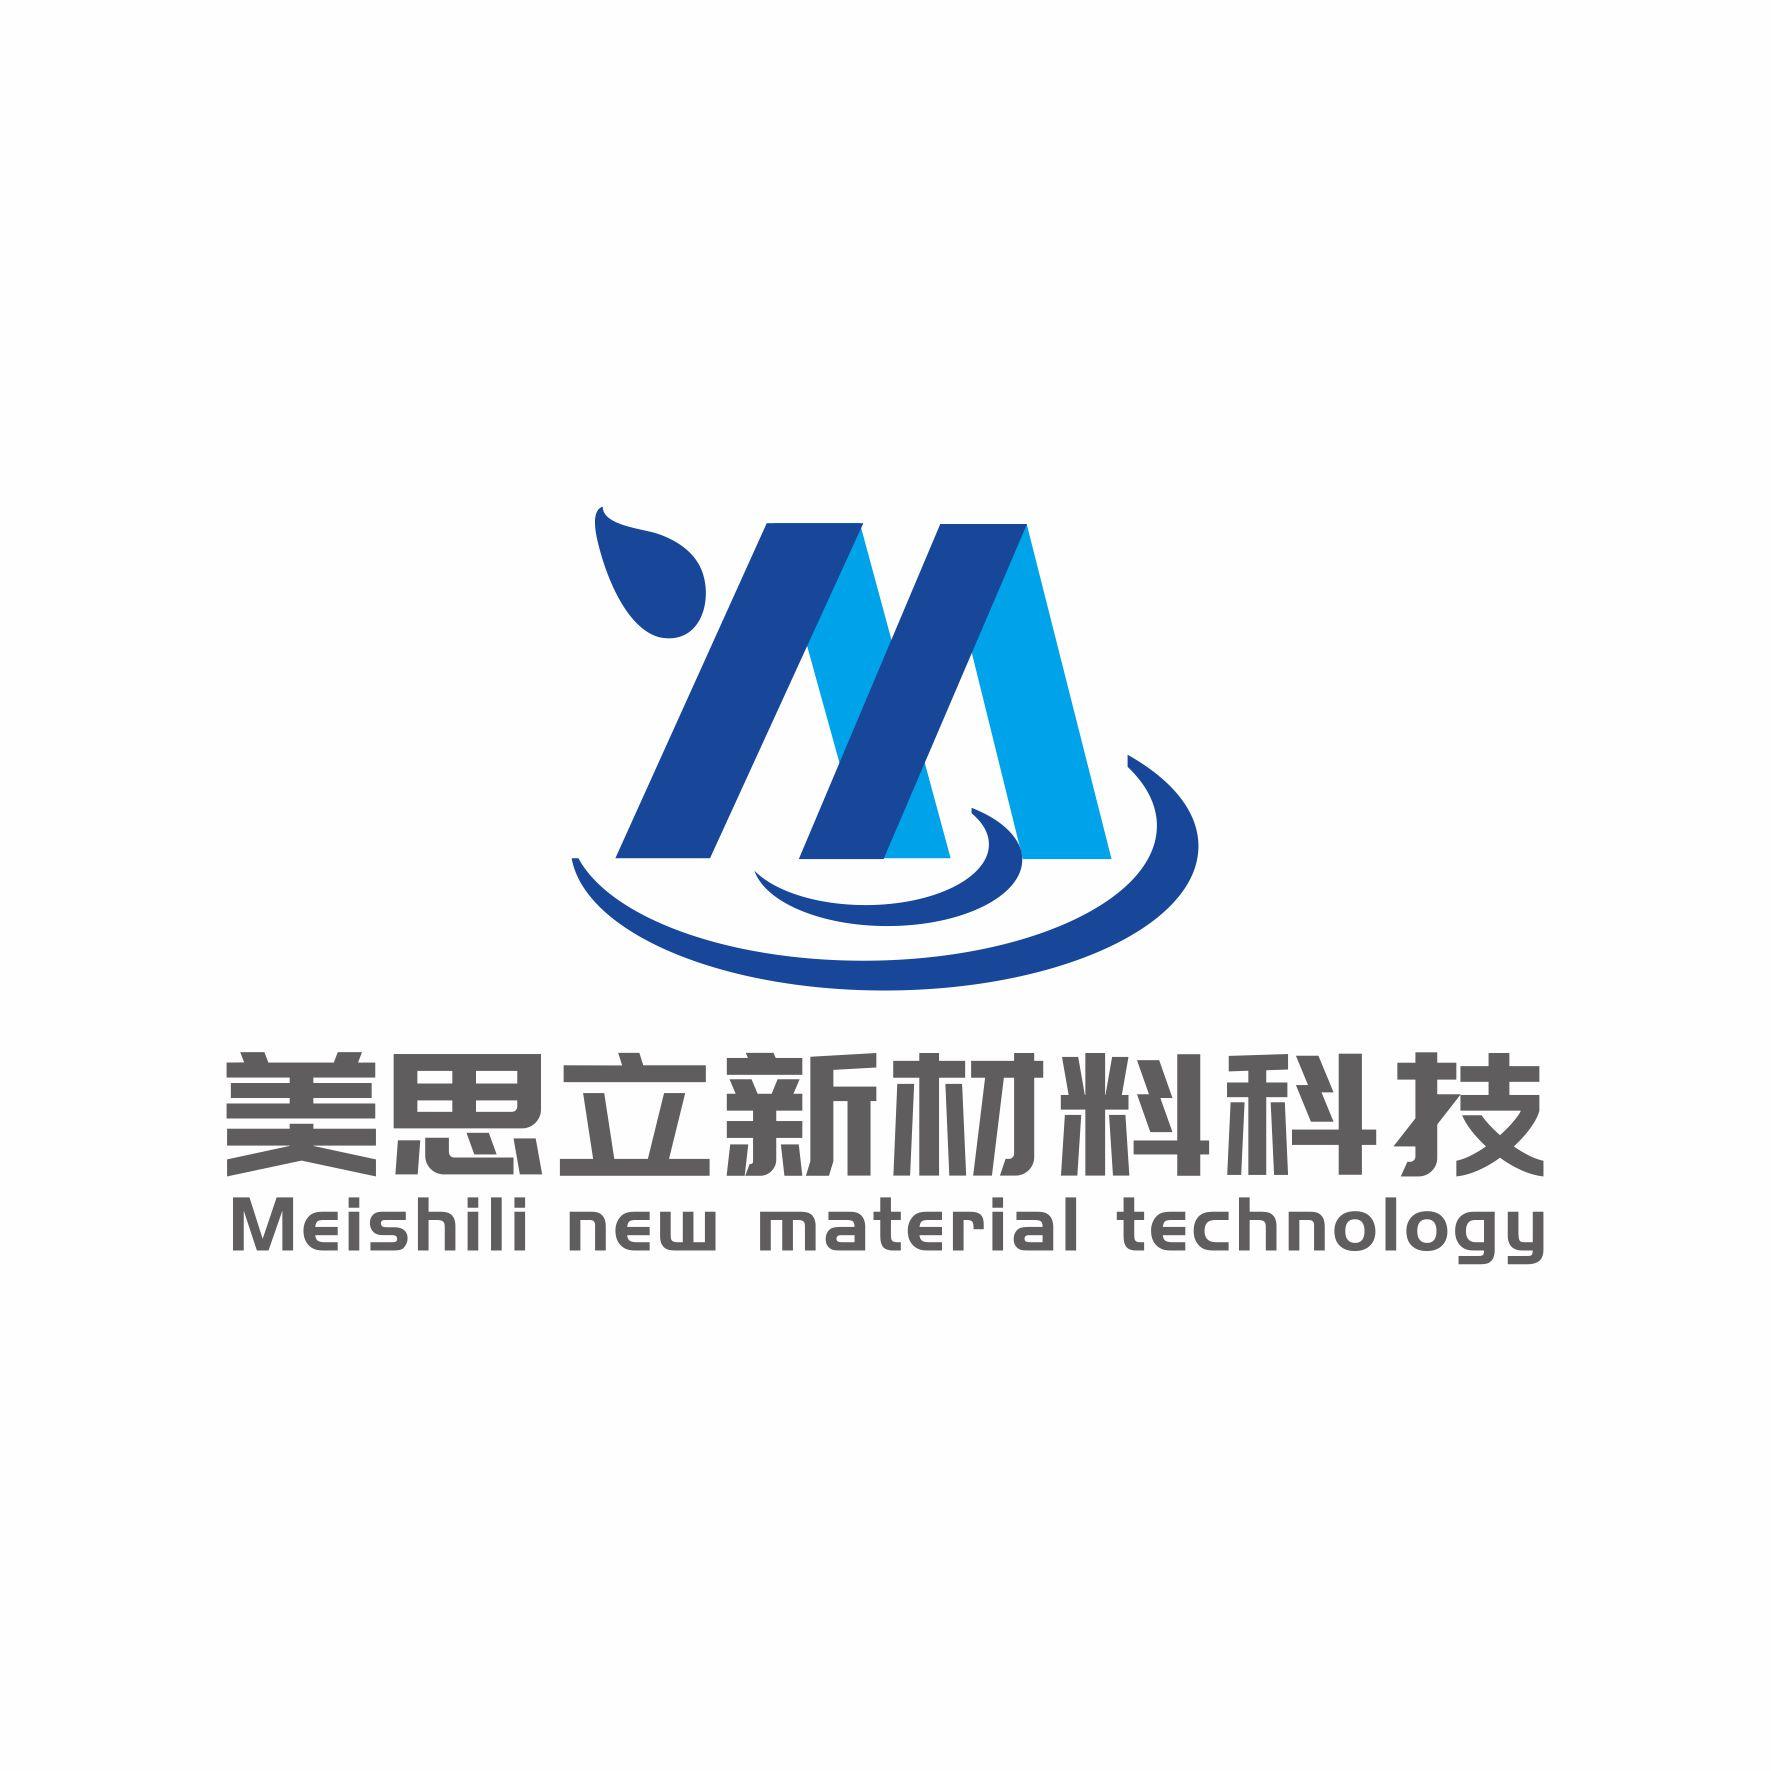 蘇州美思立新材料科技有限公司